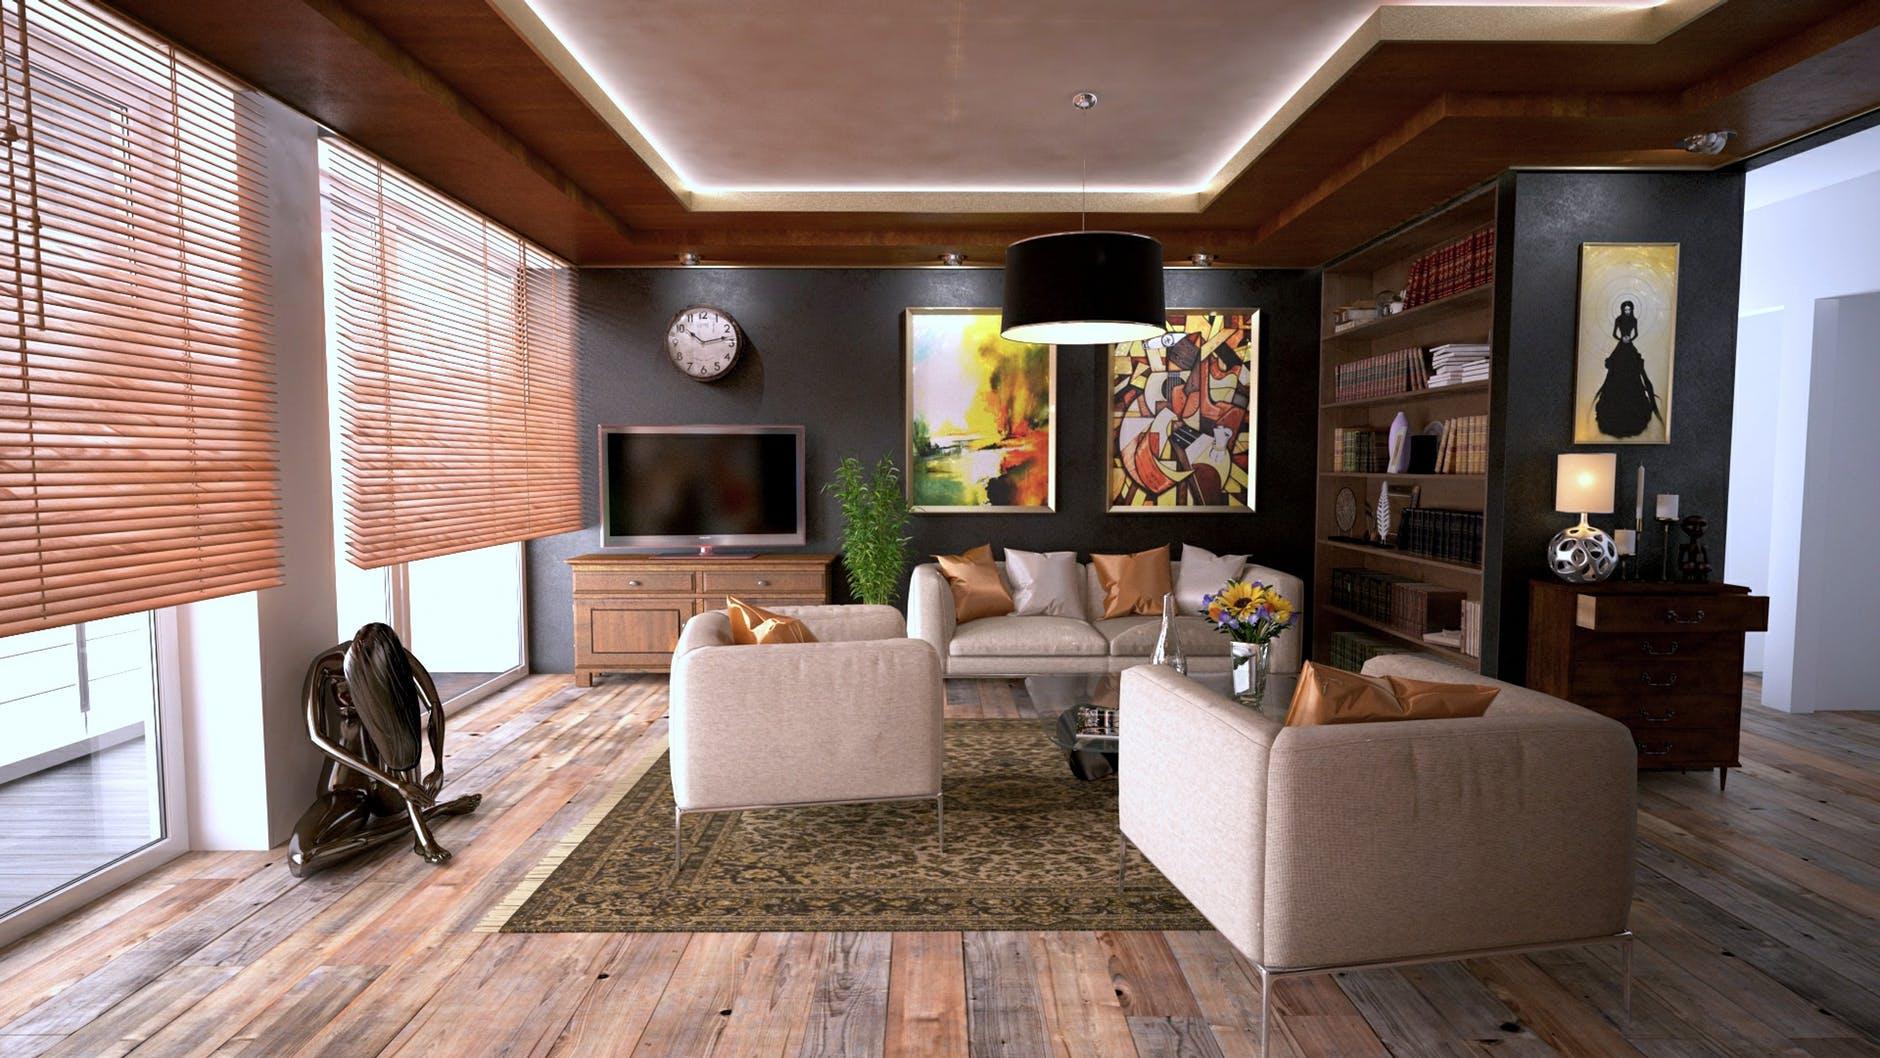 Goedkope tips voor een stijlvolle woonkamer